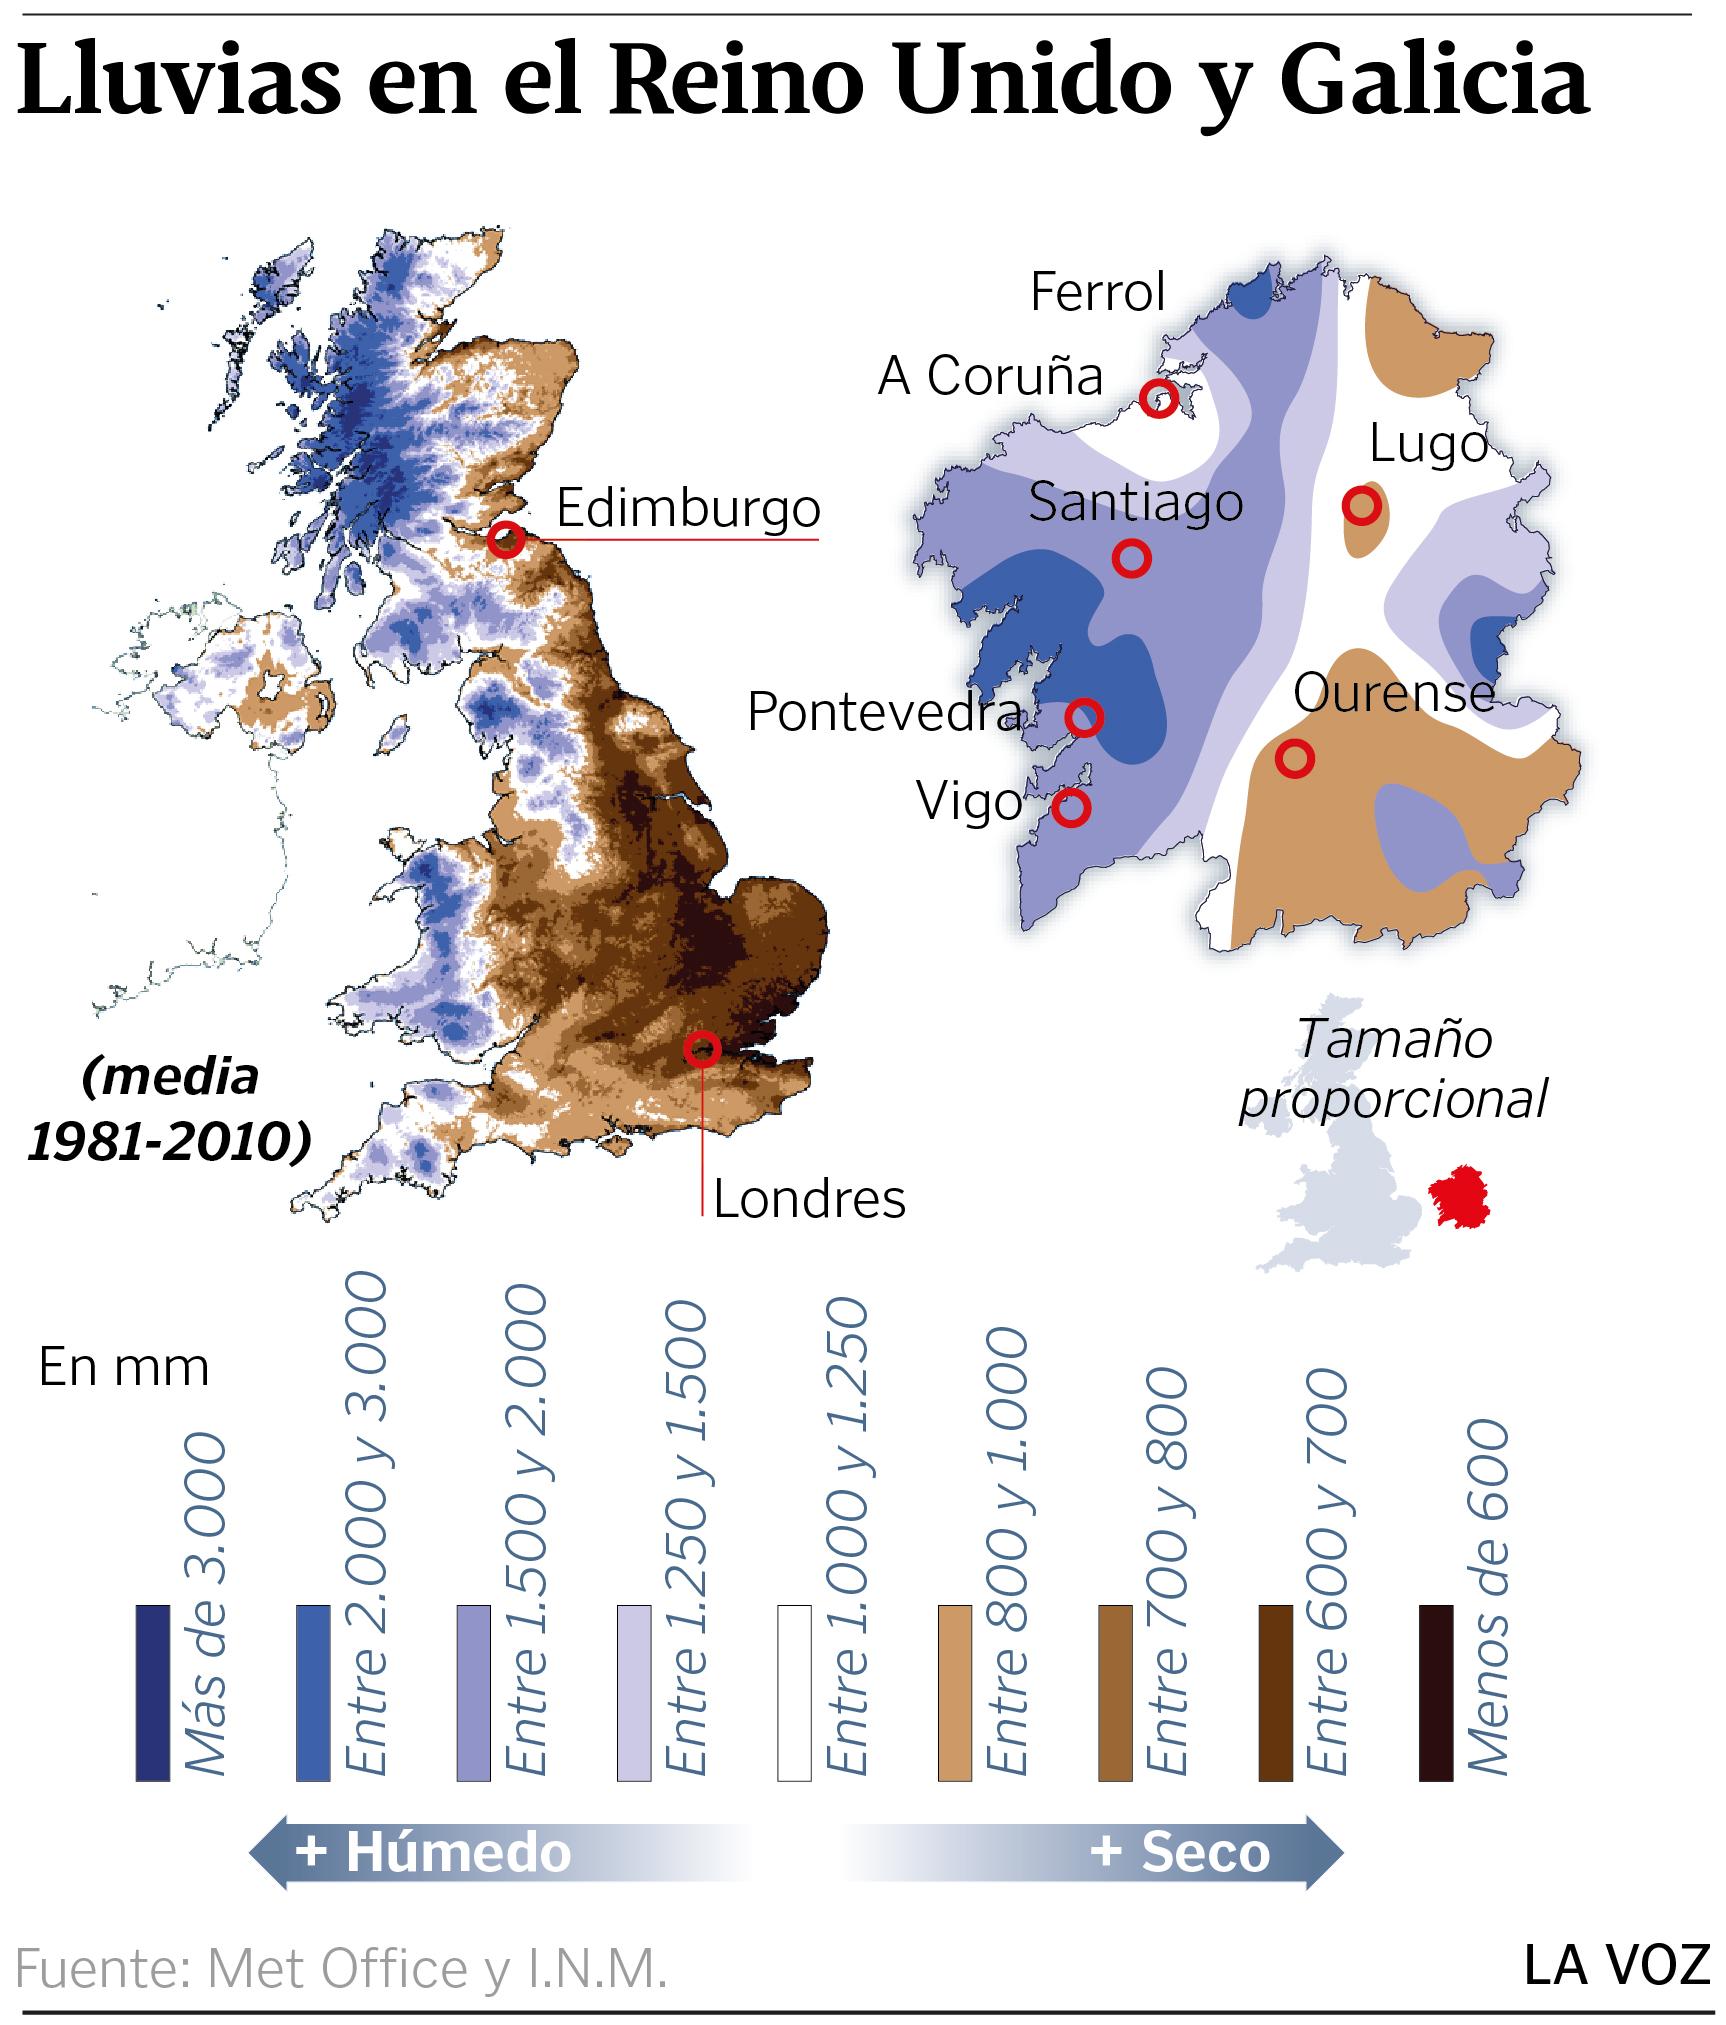 No En El Reino Unido No Llueve Más Que En Galicia